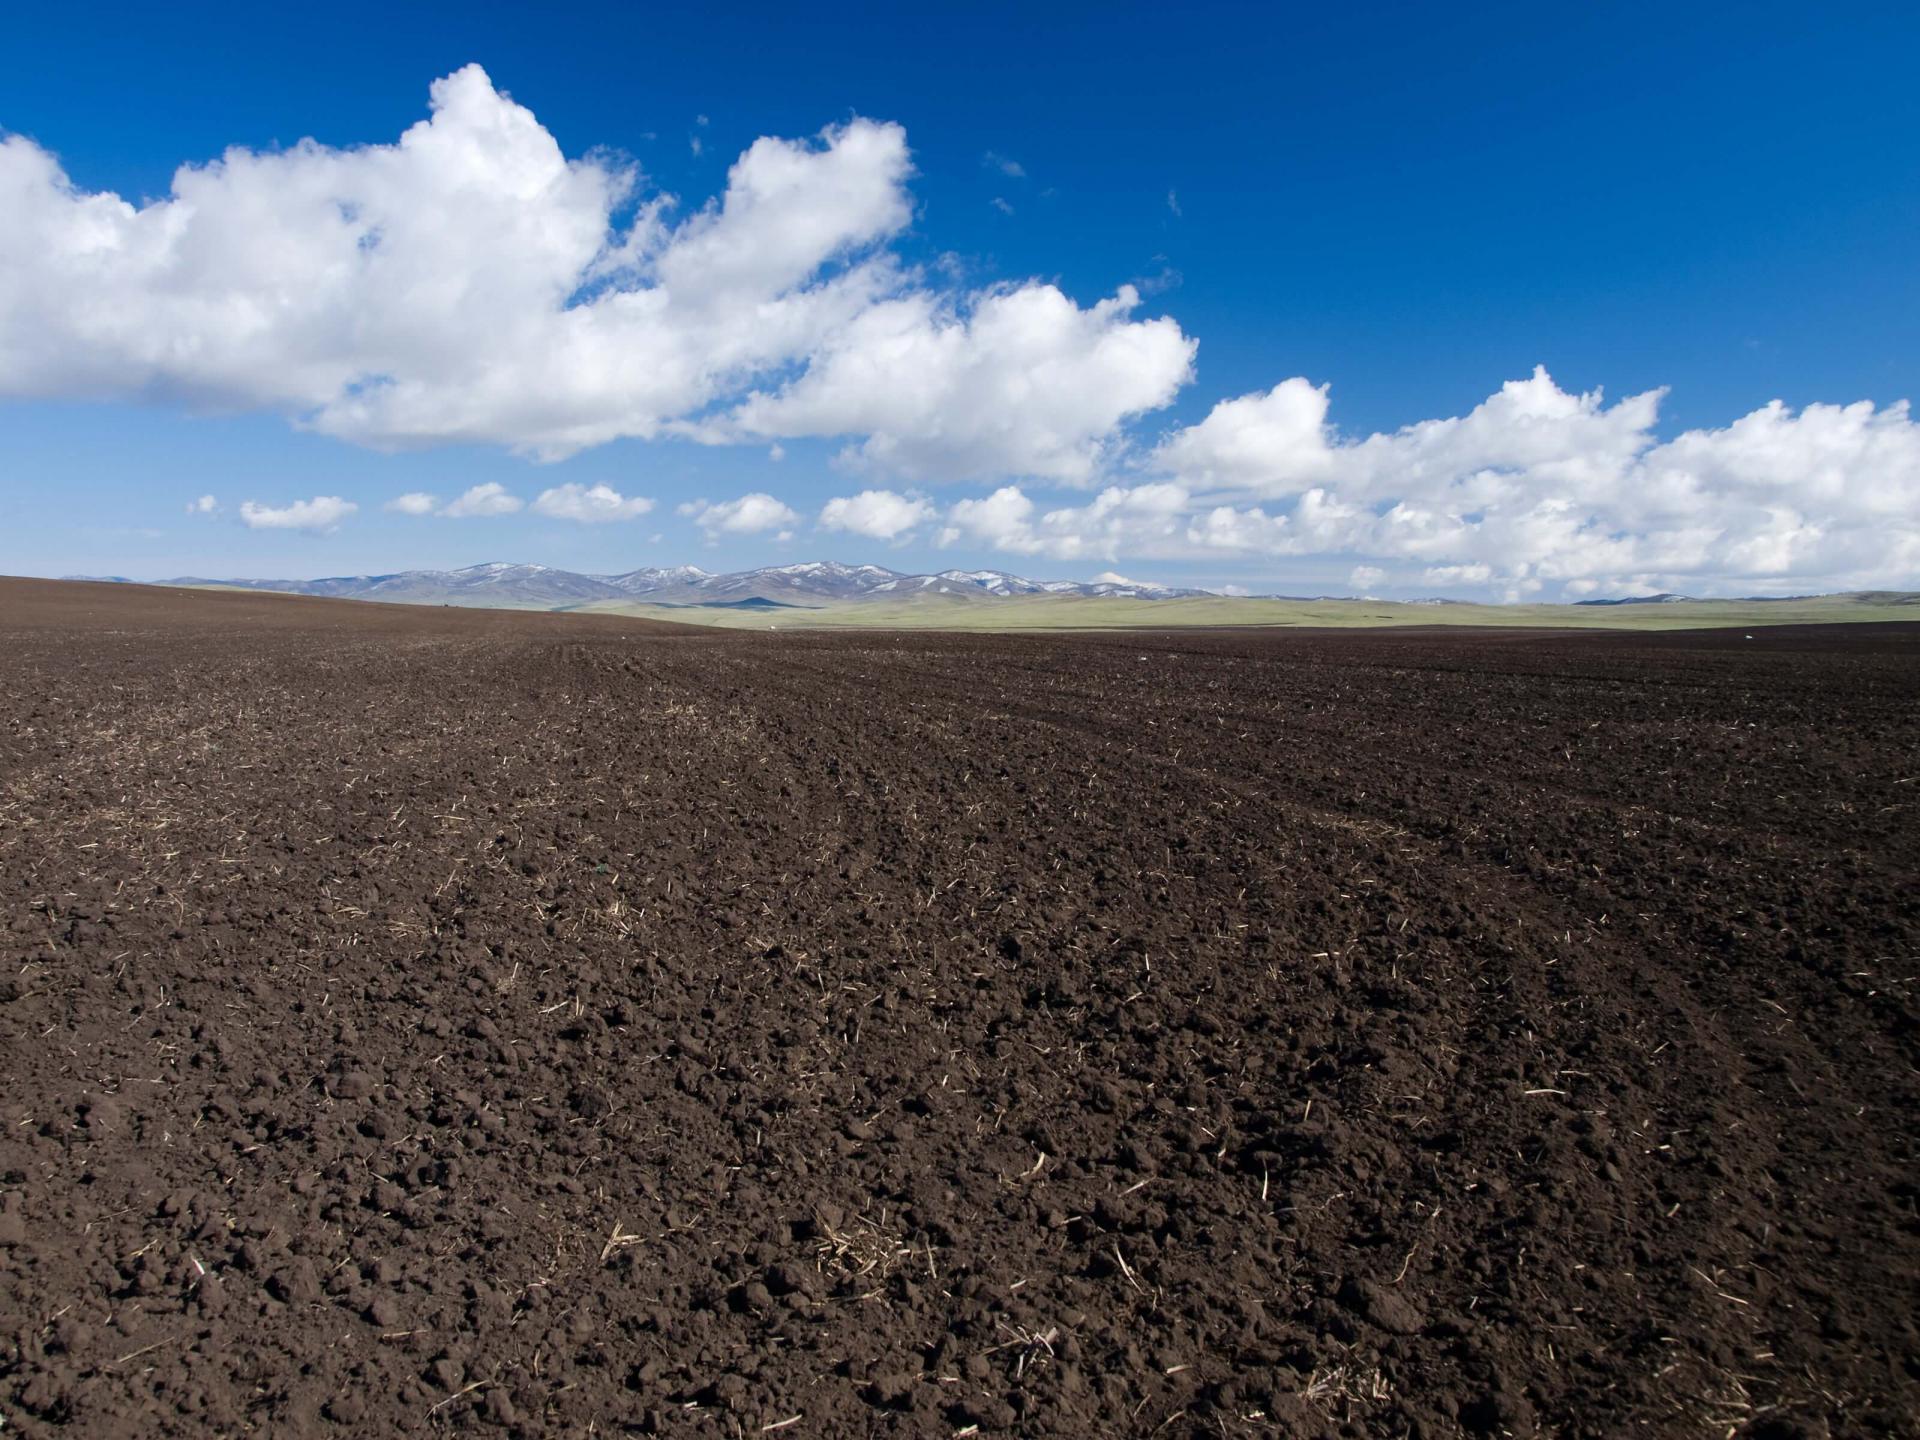 Manejo do solo para altas produtividades